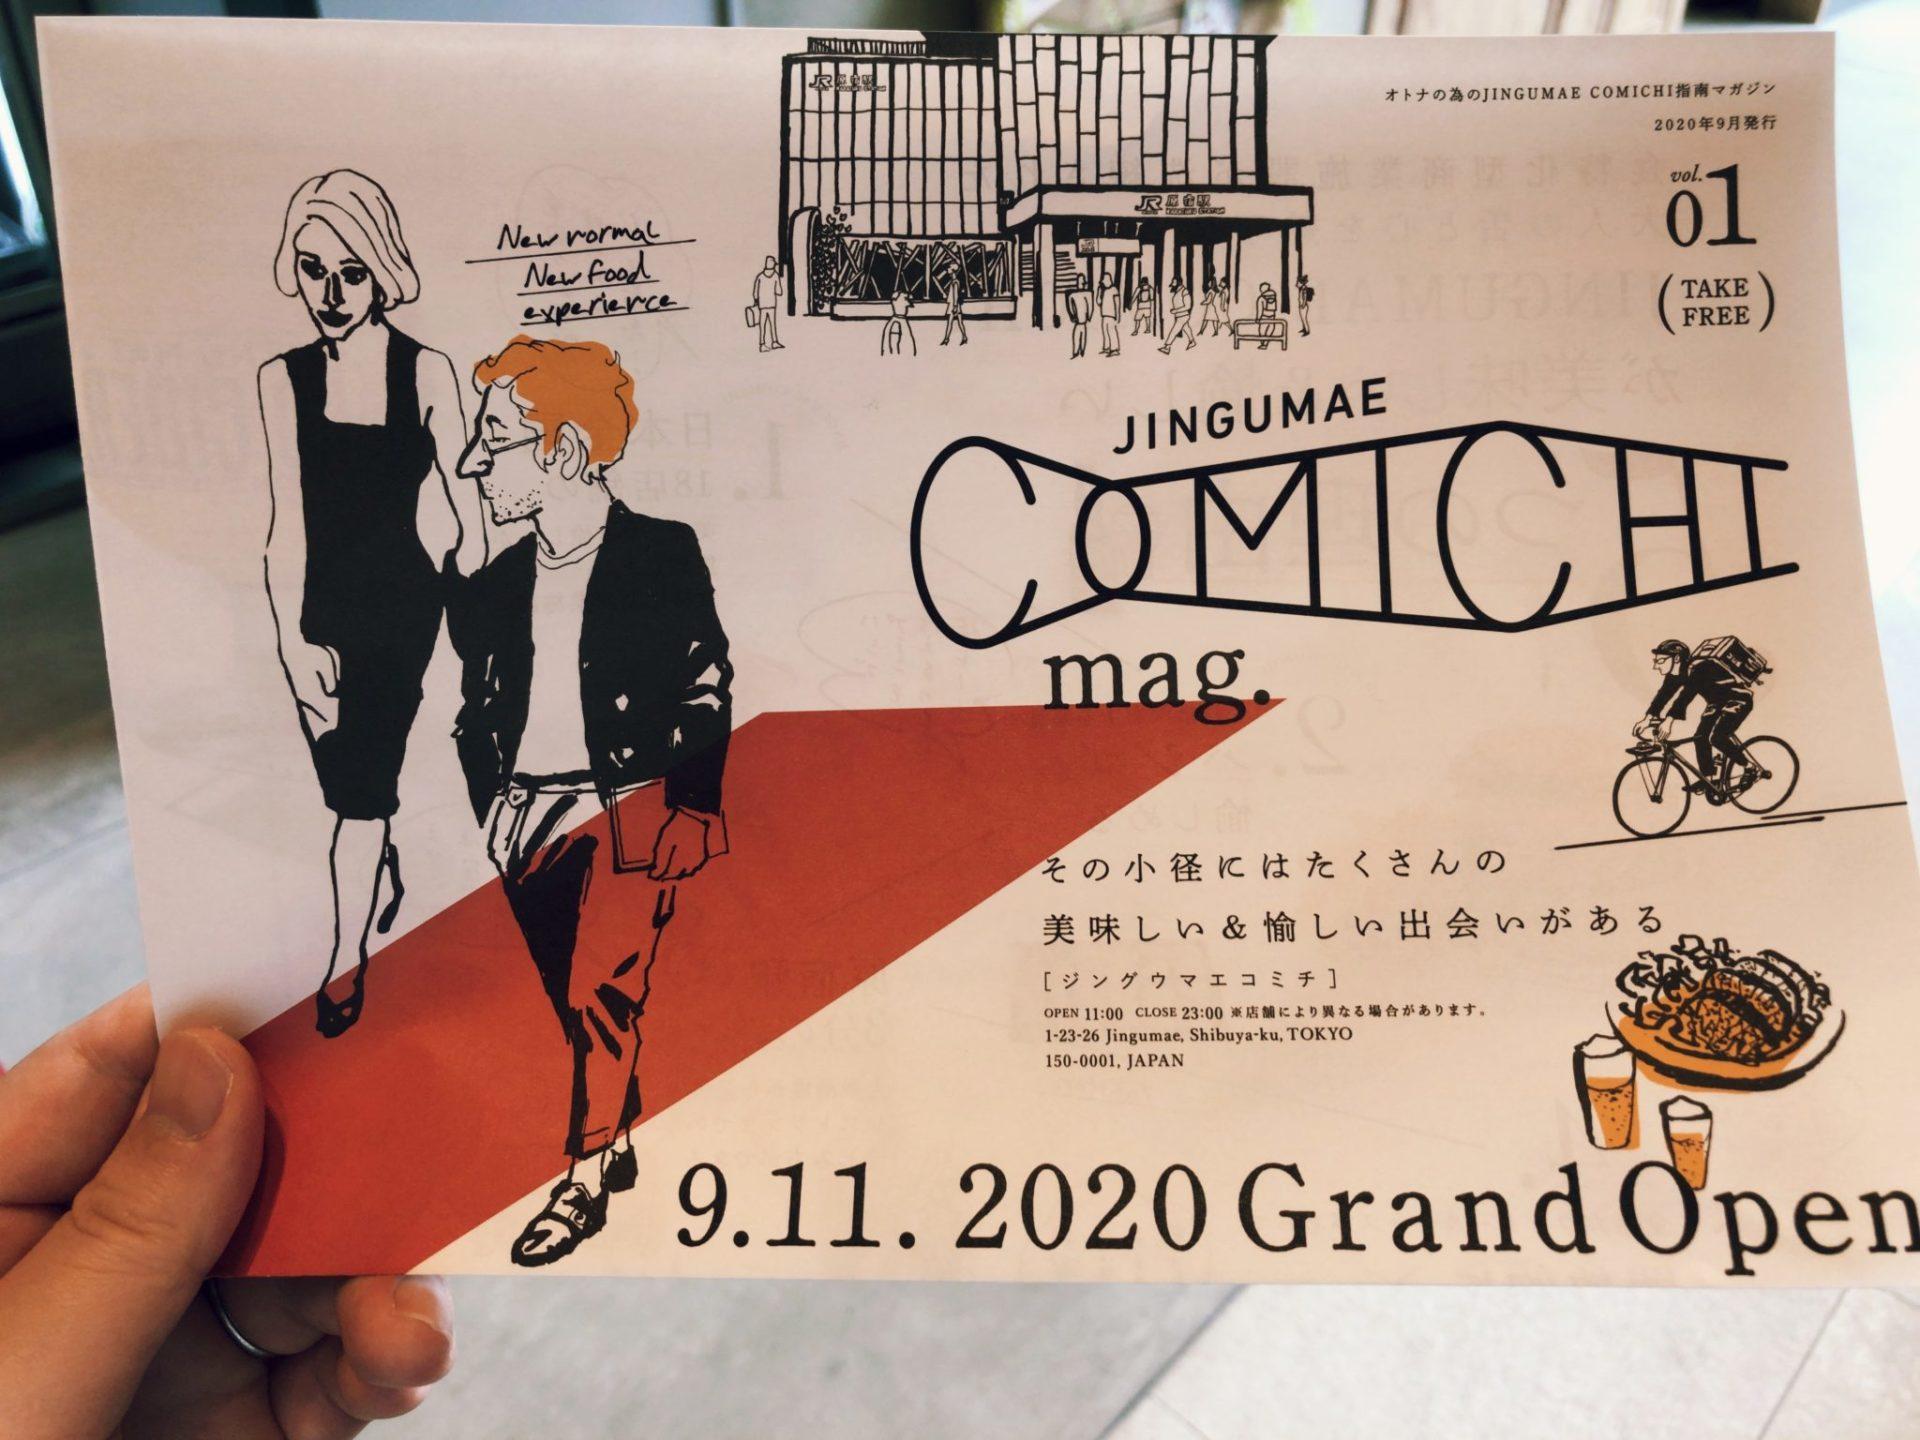 JINGUMAE COMICHI(じんぐうまえこみち)のチラシ(グランドオープン)